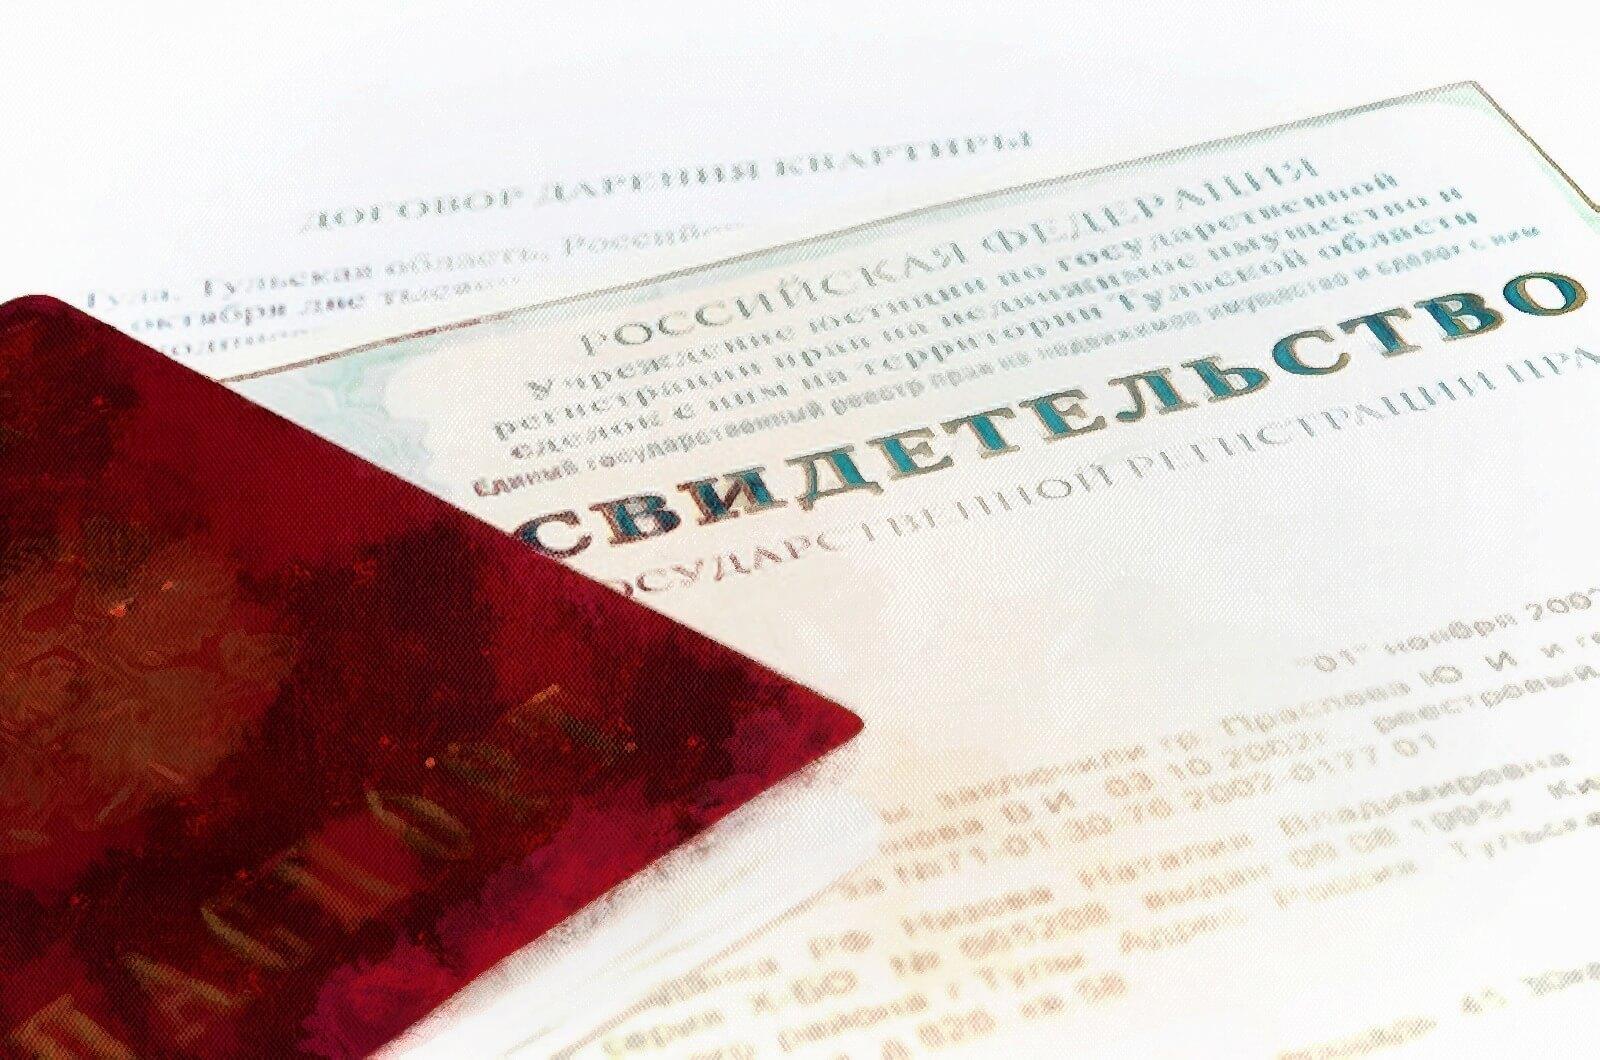 Документы необходимые для оценки различного имущества и собственности